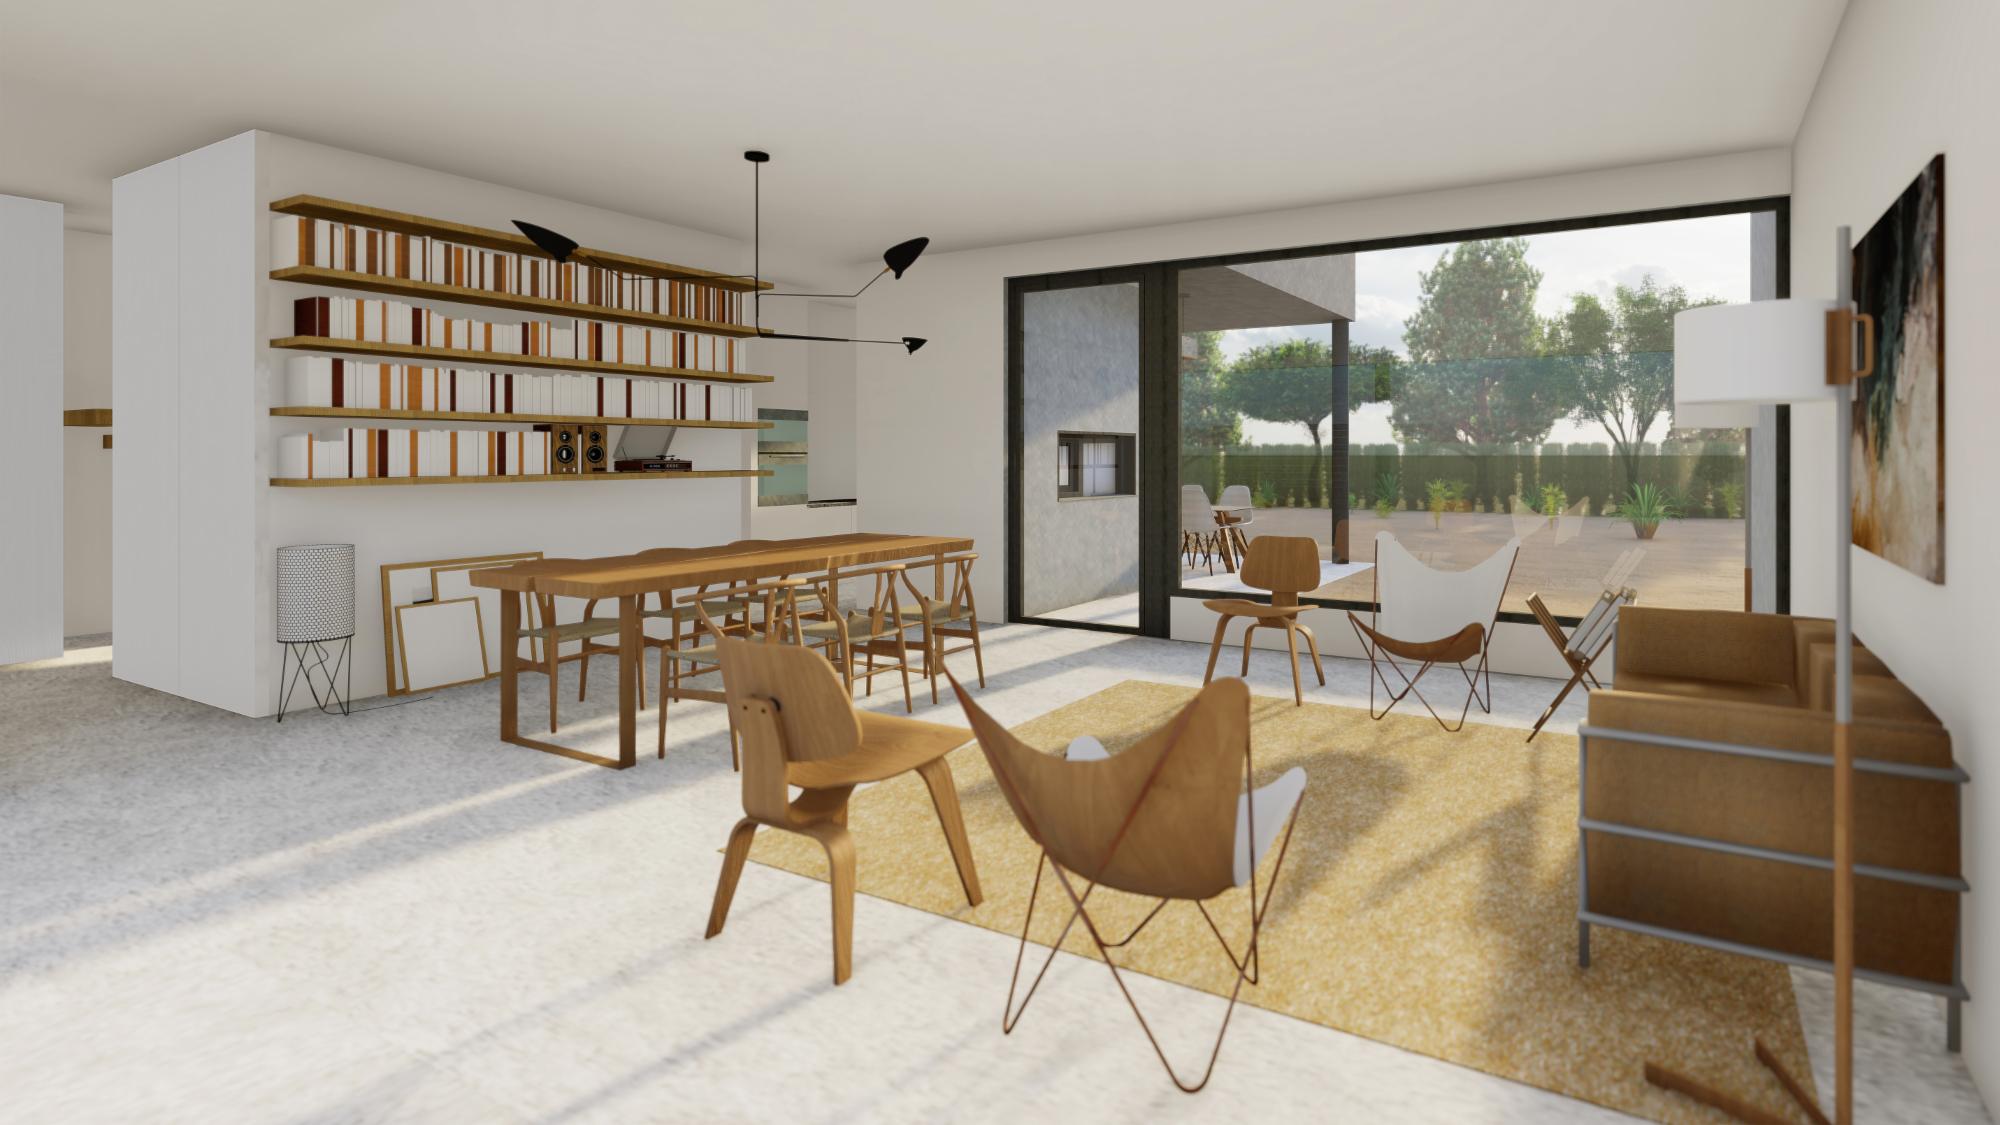 salón interior con vistas a la terraza delantera y trasera de vivienda unifamiliar de nueva construcción en Lleida